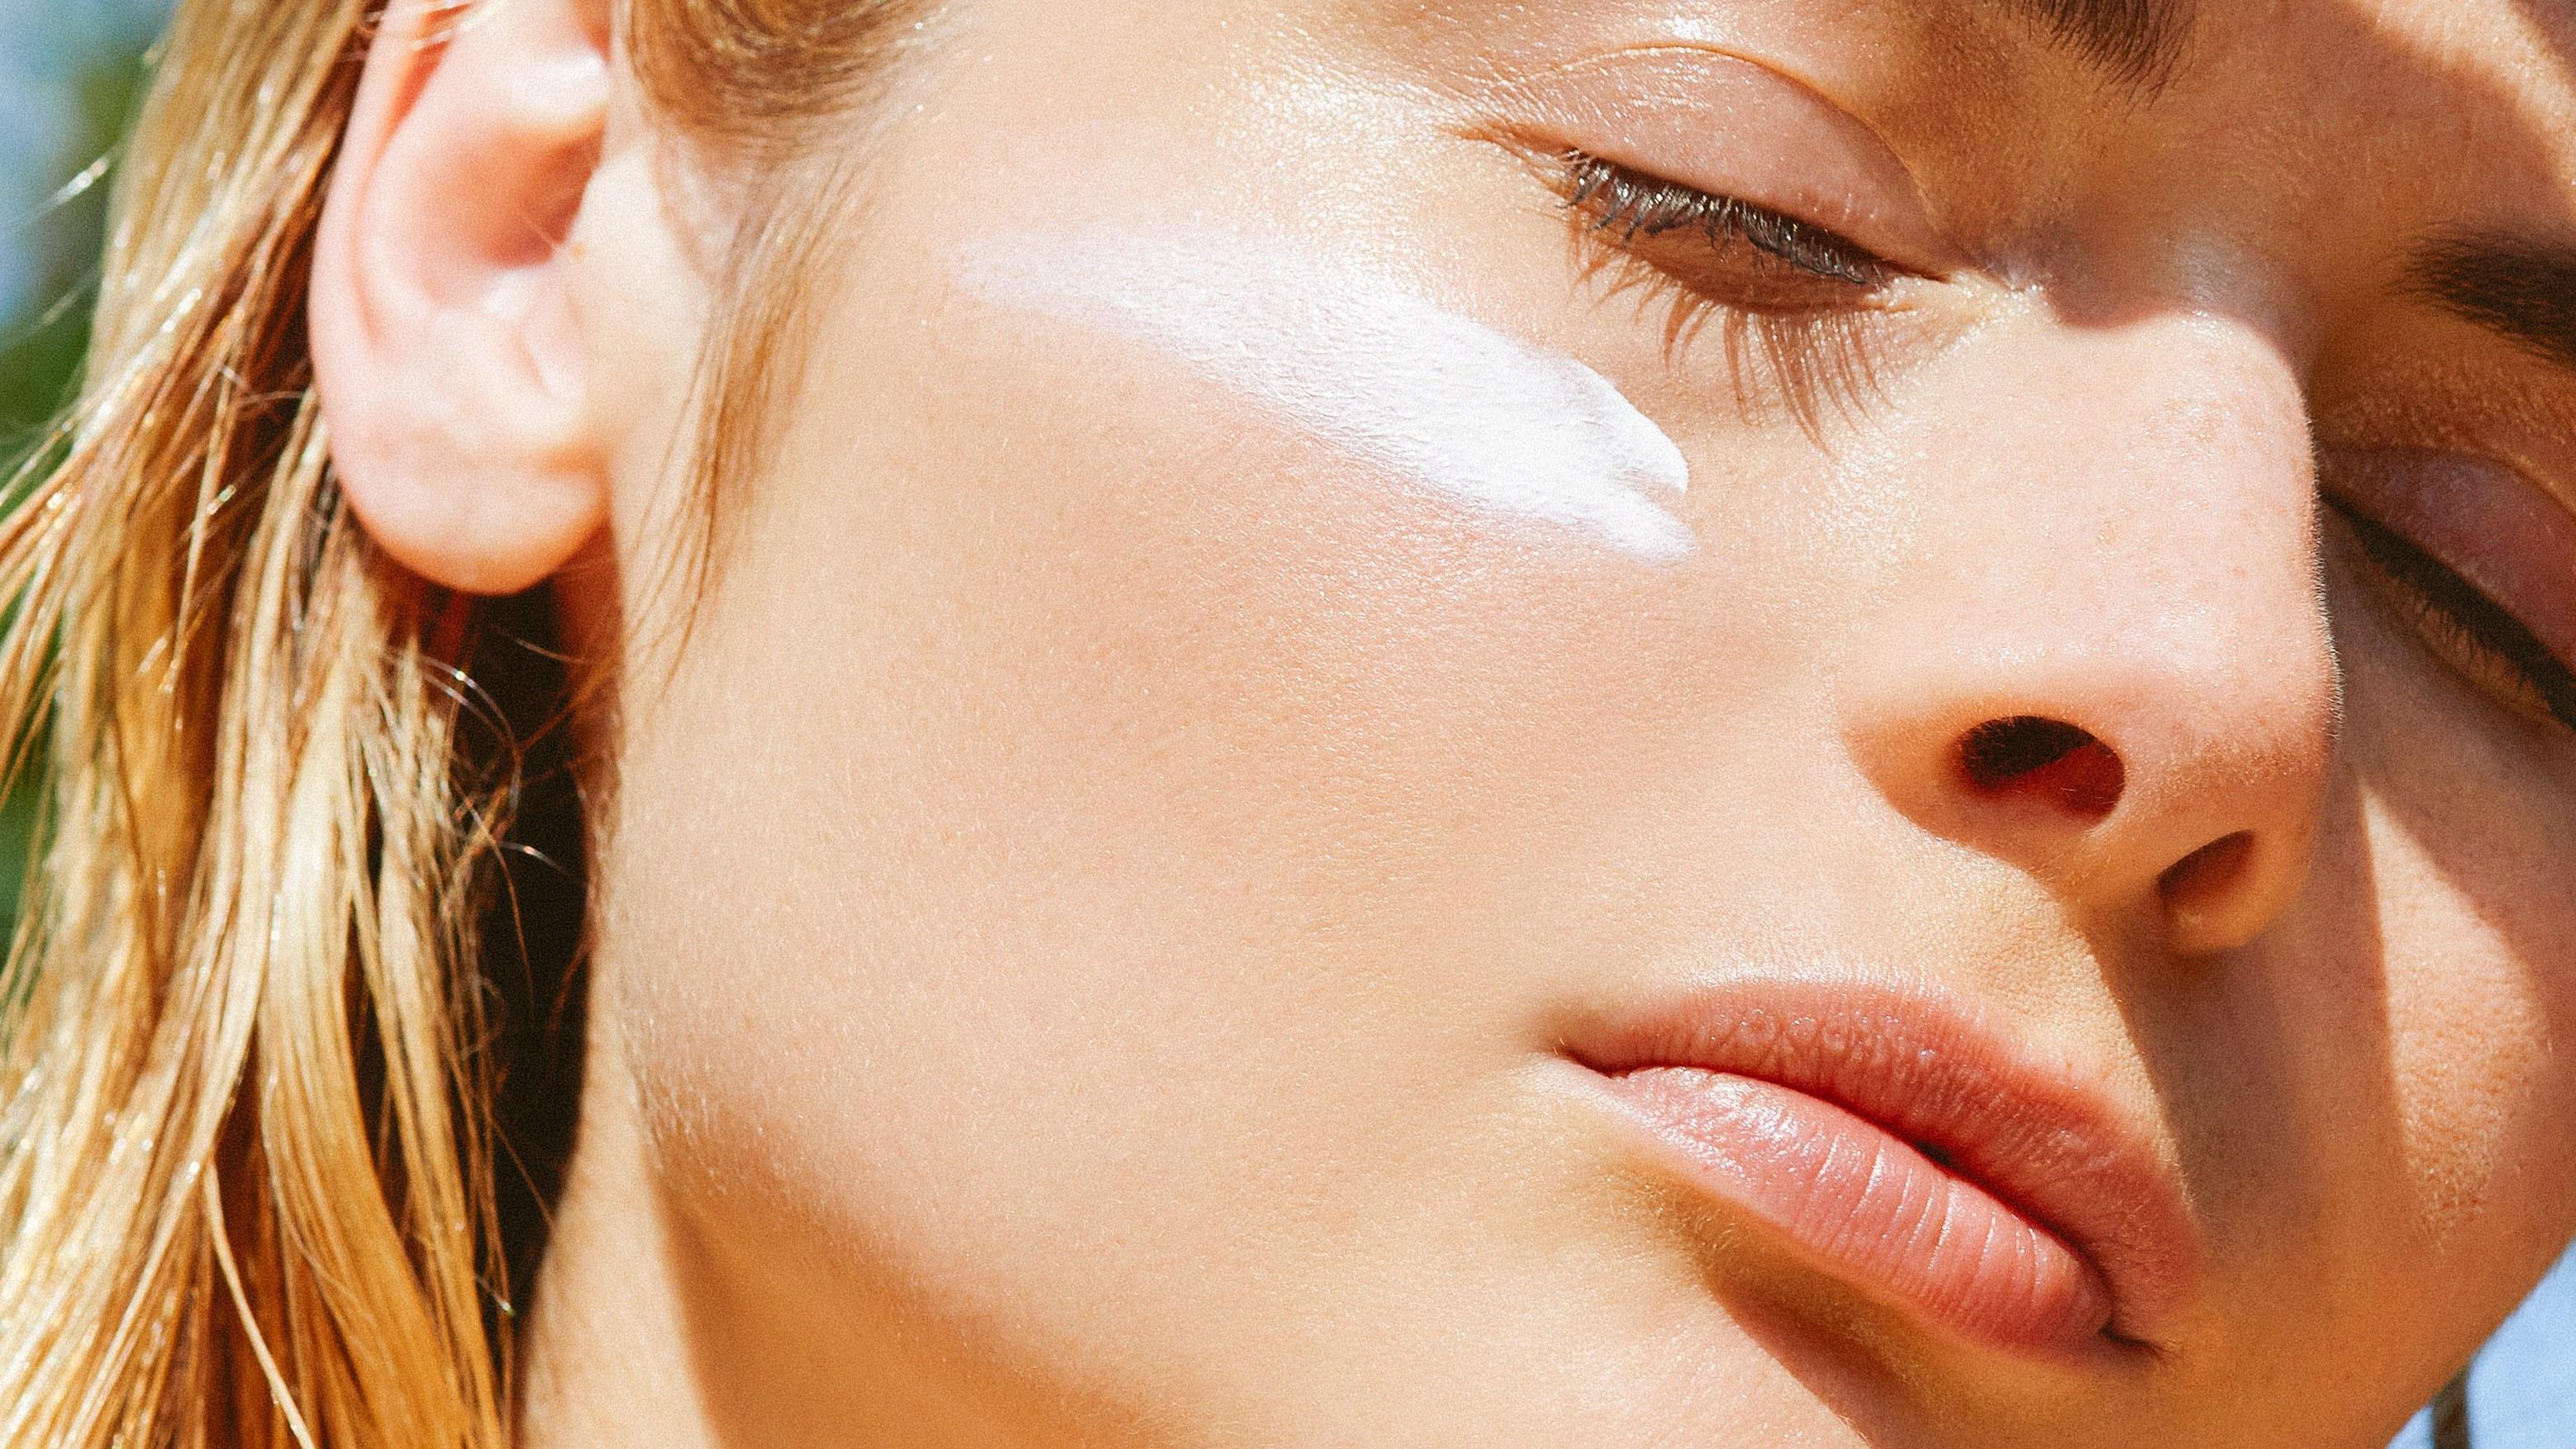 Люди забывают наносить солнцезащитный крем на самые важные участки кожи